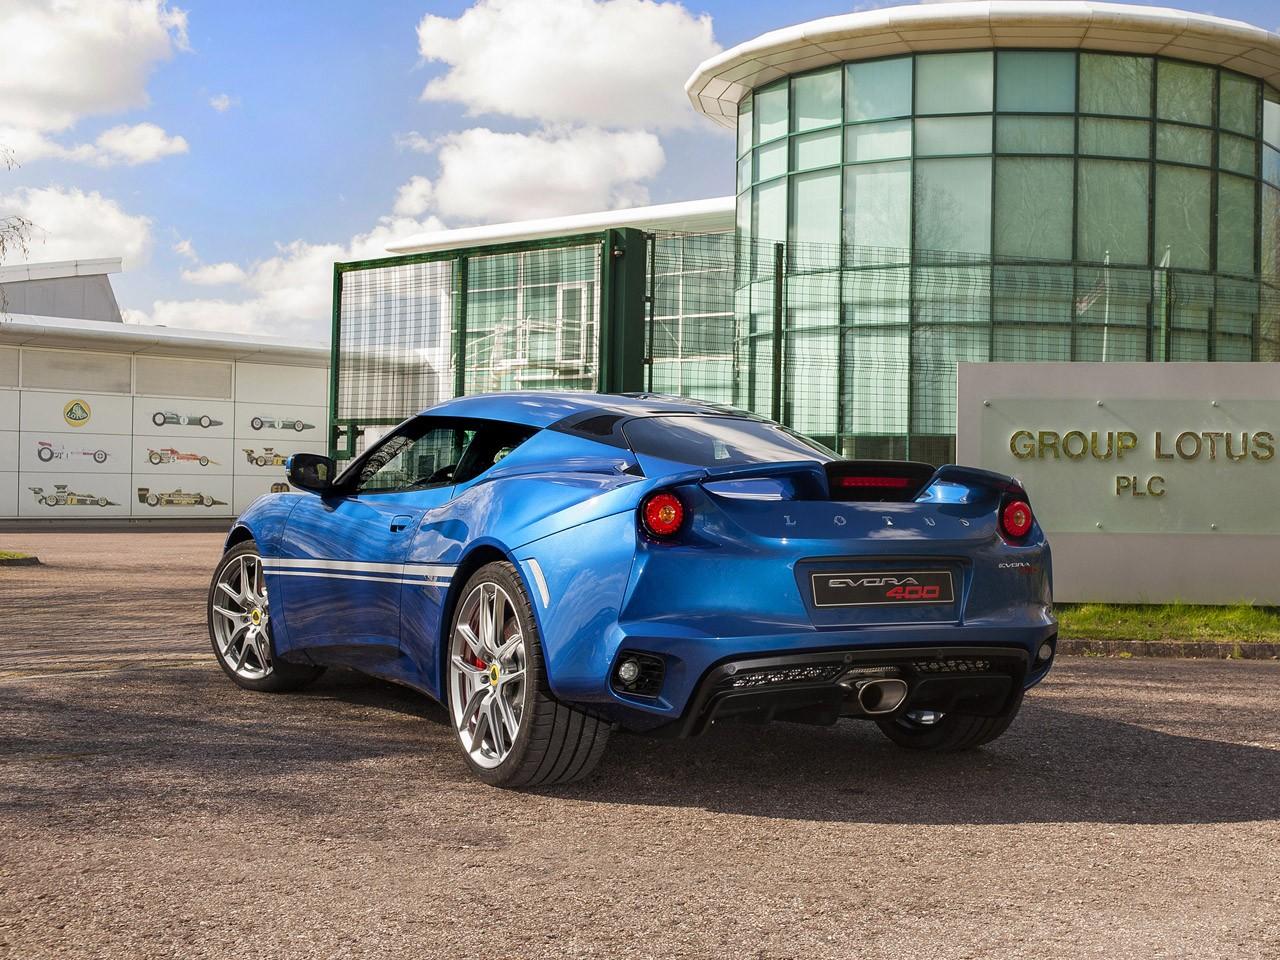 2016 Lotus Evora 400 Hethel Edition